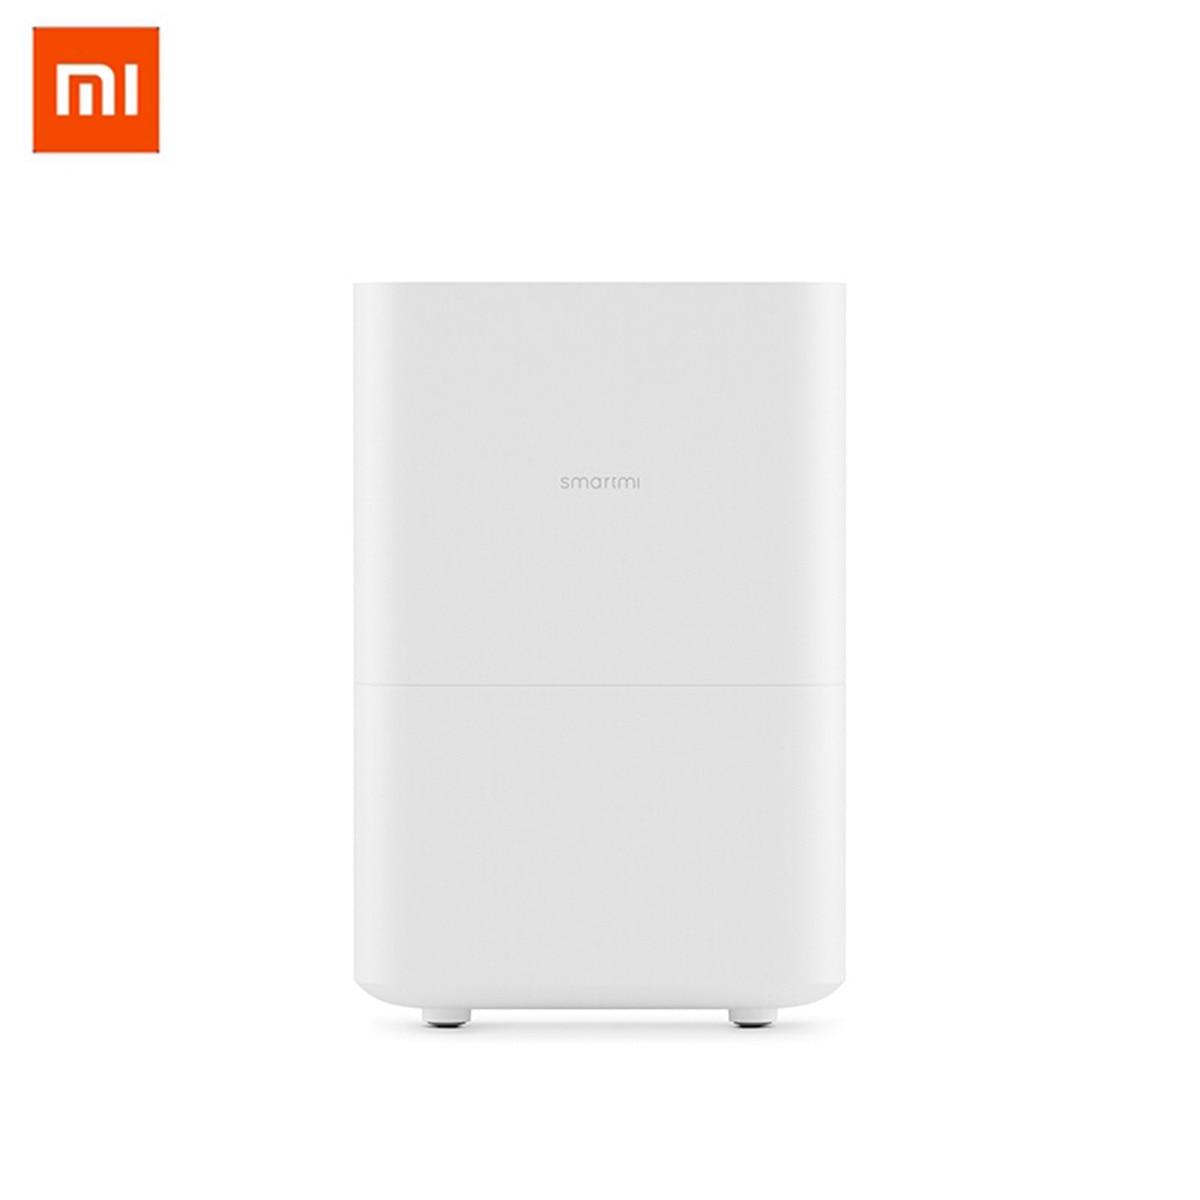 Xiaomi Mijia D'origine Smartmi Naturel Par Évaporation Pur Humidificateur Air amortisseur Arôme diffuseur 4L Réservoir D'eau APP Télécommande